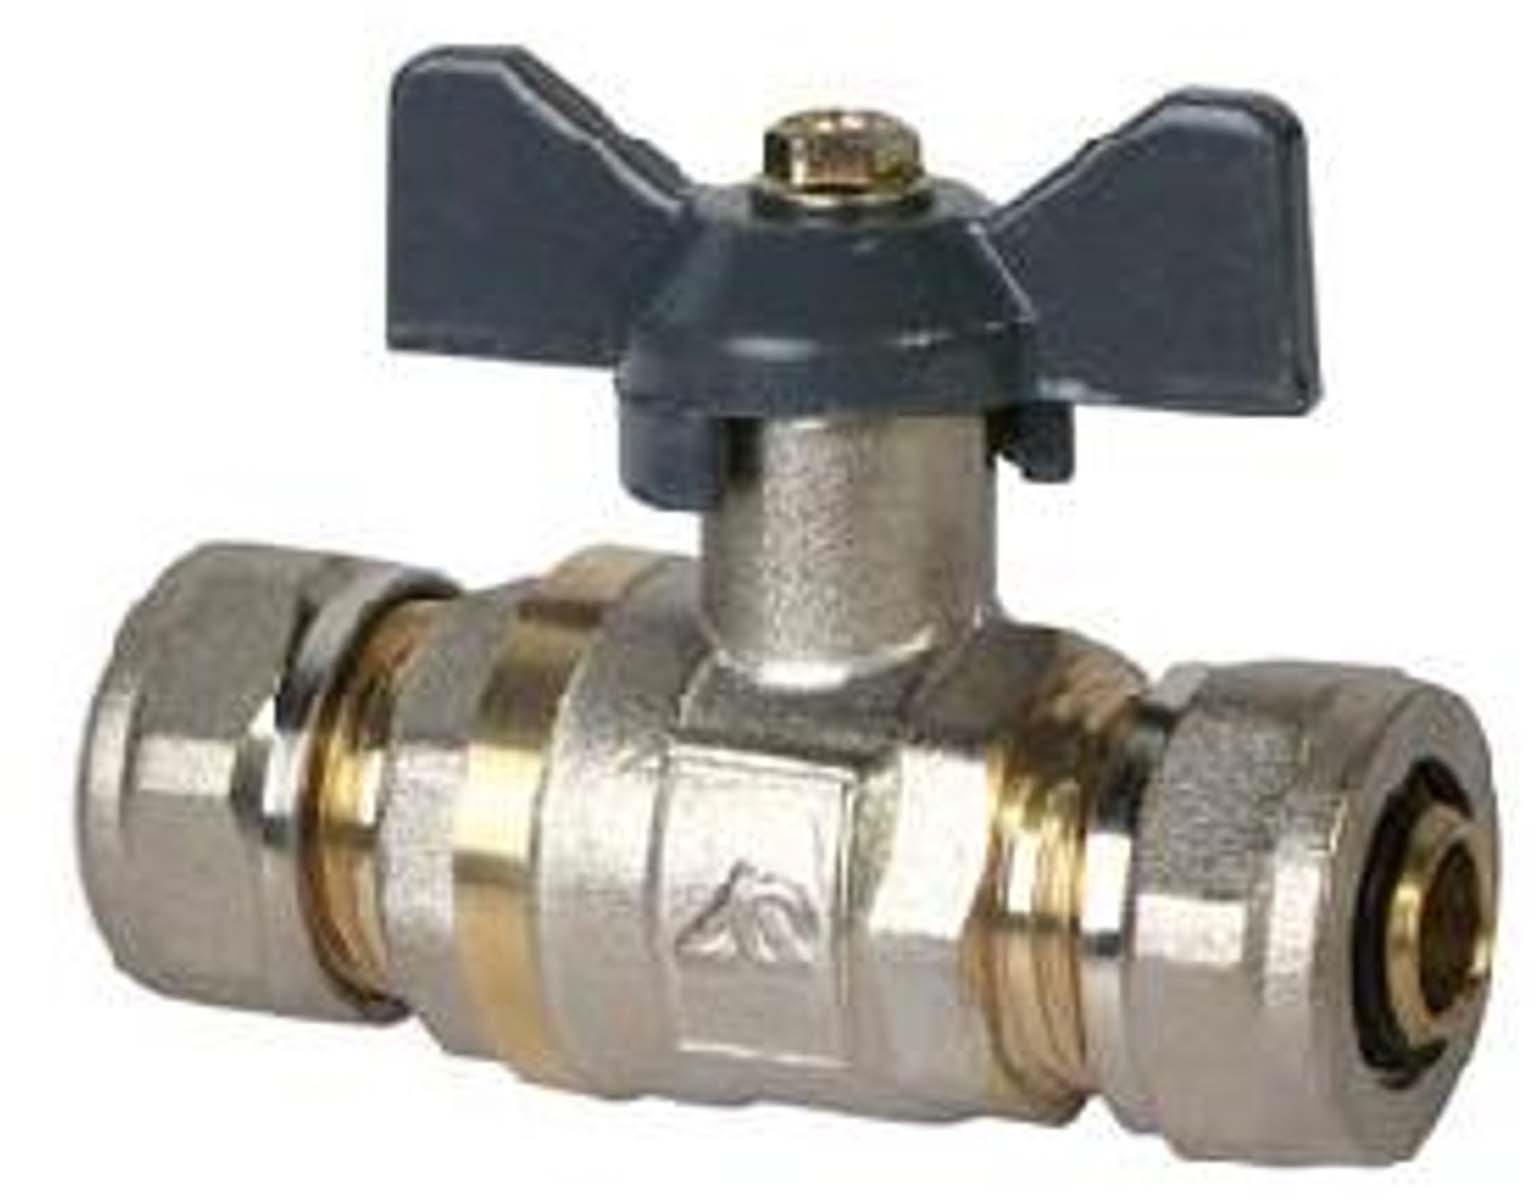 Кран шаровый RVC, под металлическую/пластиковую трубу, 16 х 16 ц/ц бант, MP-У соединитель rvc ц г внутренняя резьба 20 мм х 1 2